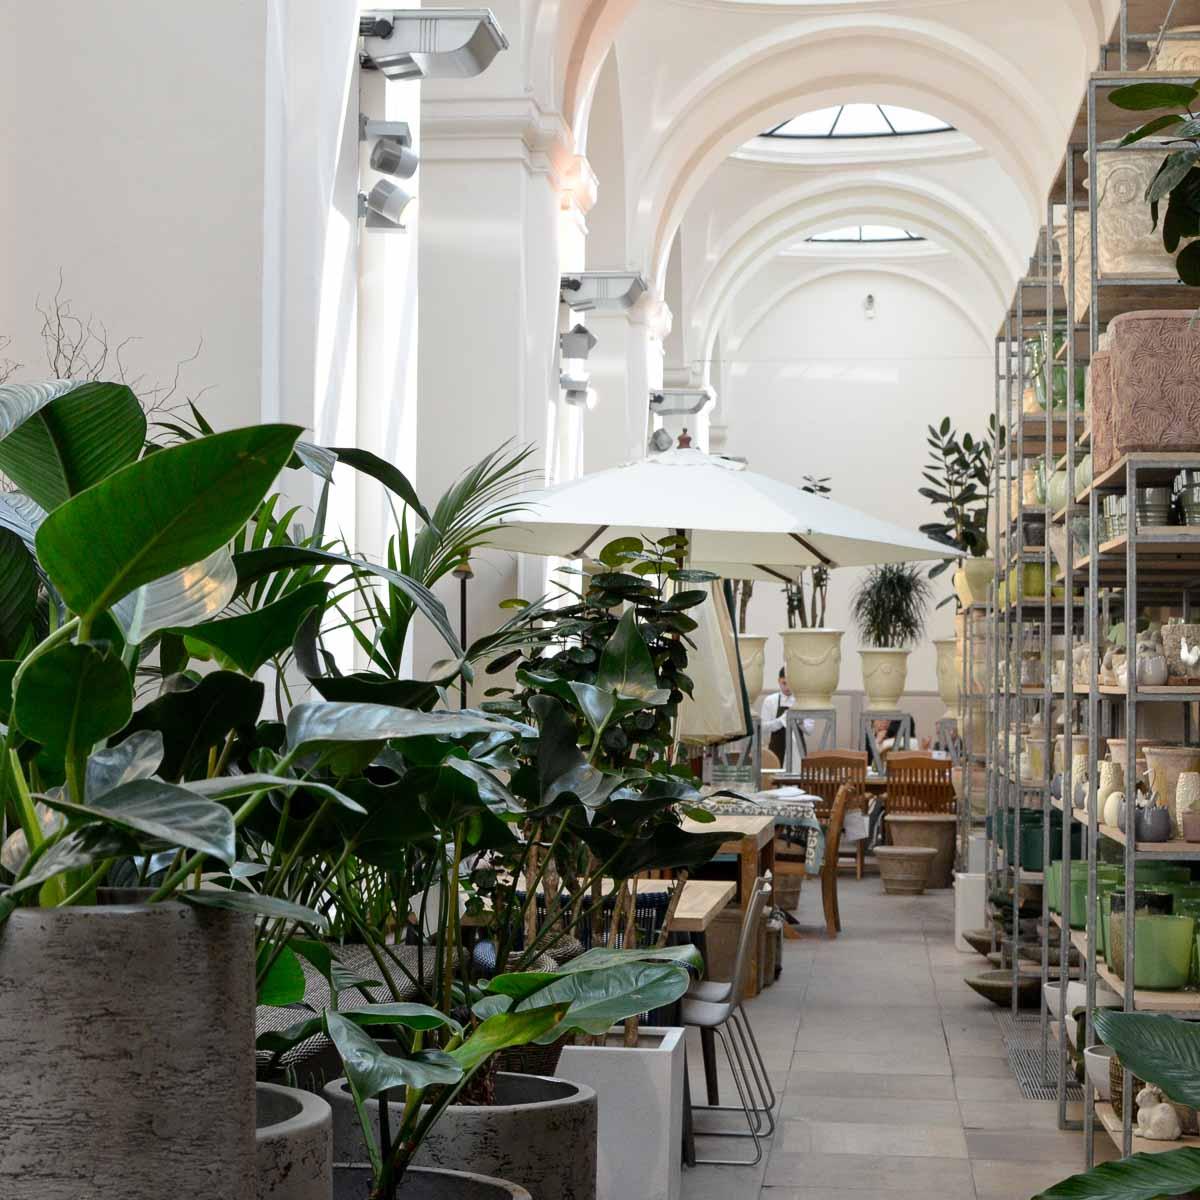 Lederleitner Blumen und Gartenkunst in Wien-3